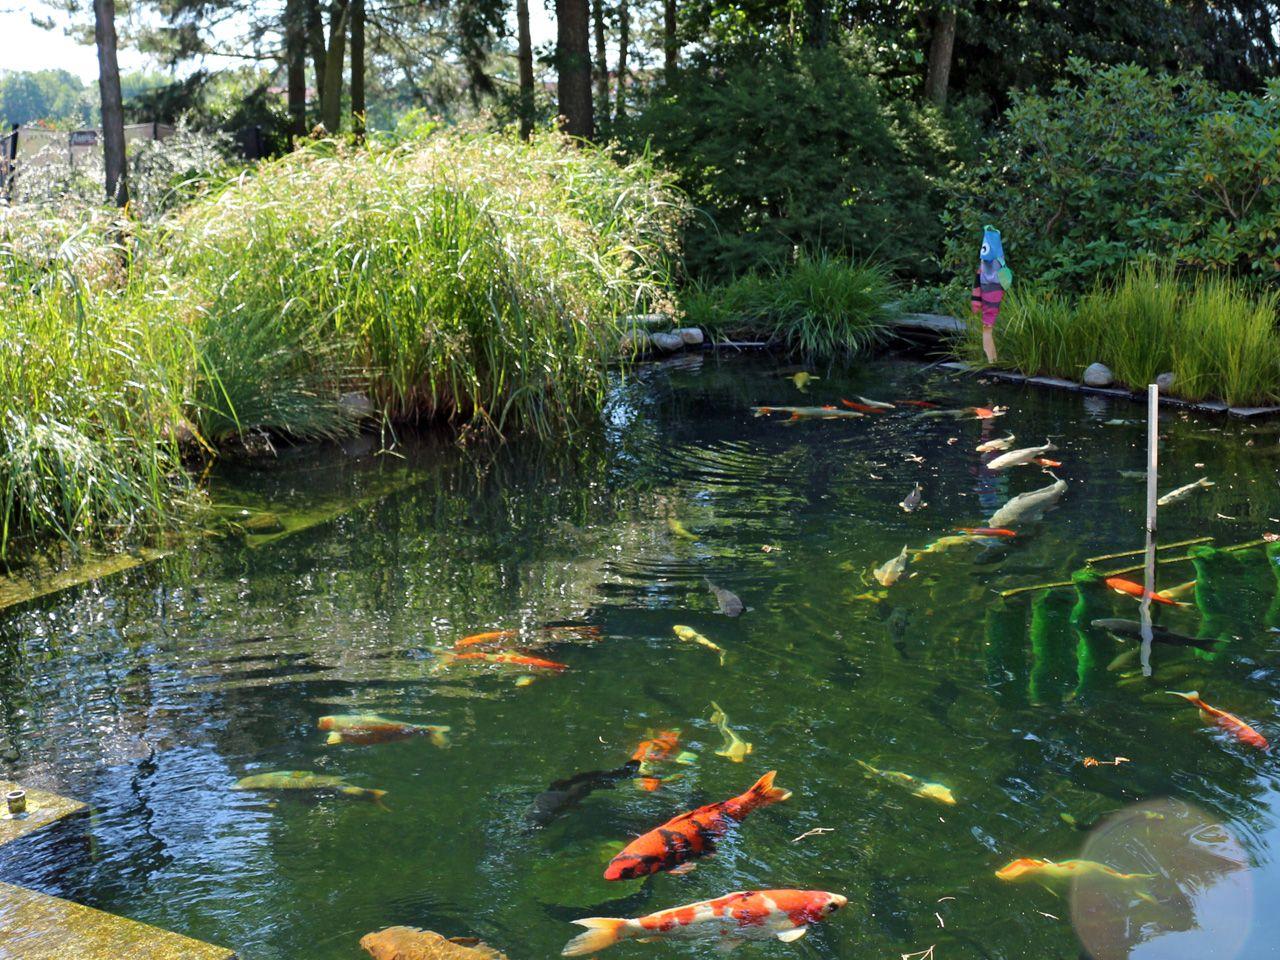 Koiteich mit bester wasserqualit t dank modernster for Kois und goldfische in einem teich